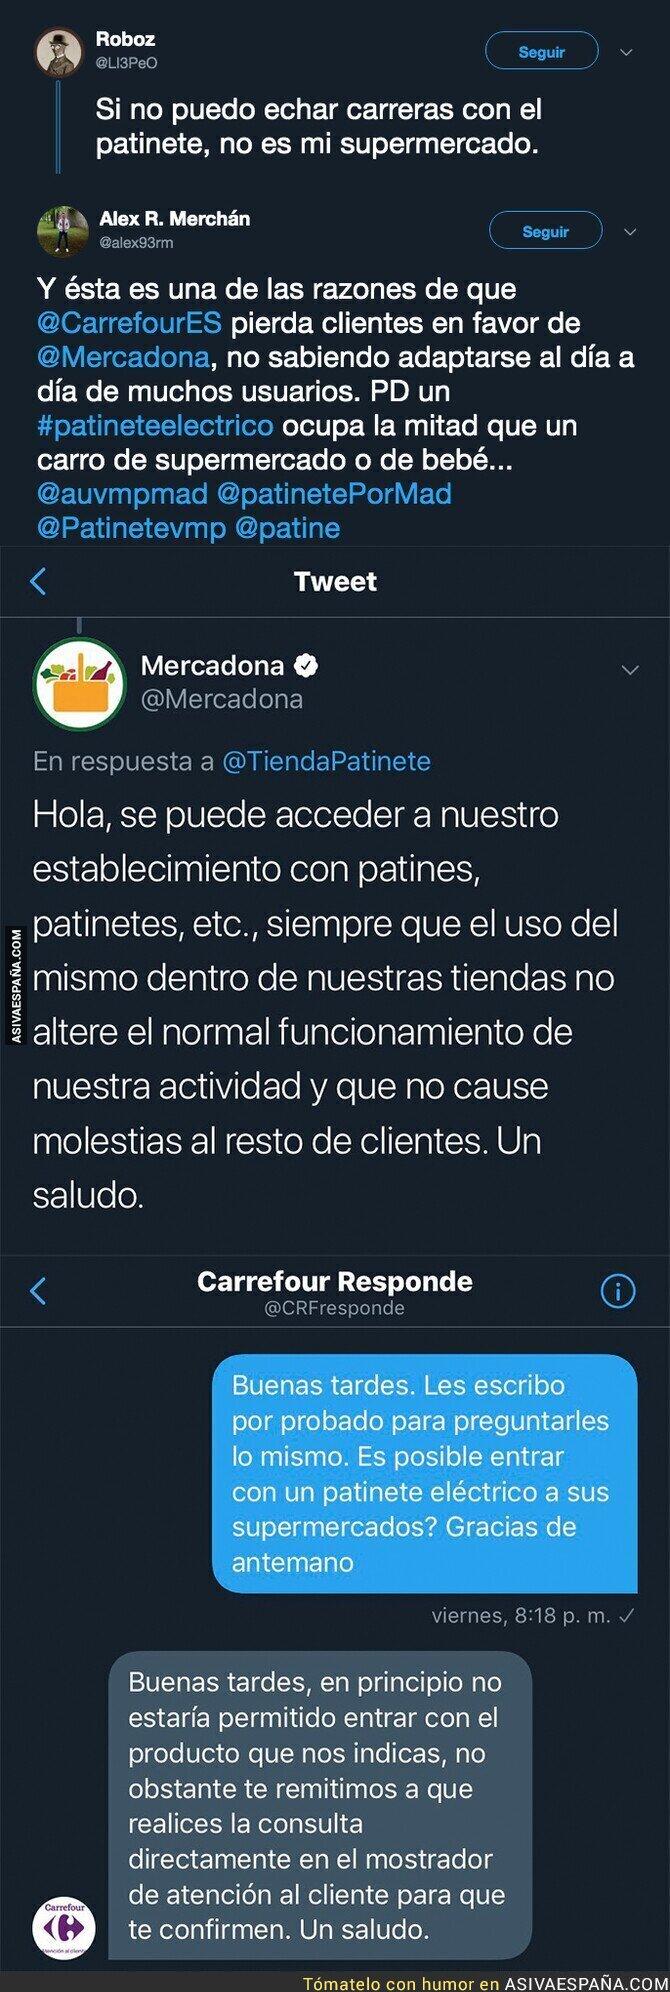 114217 - La gran diferencia entre Carrefour y Mercadona que ha indignado a un cliente